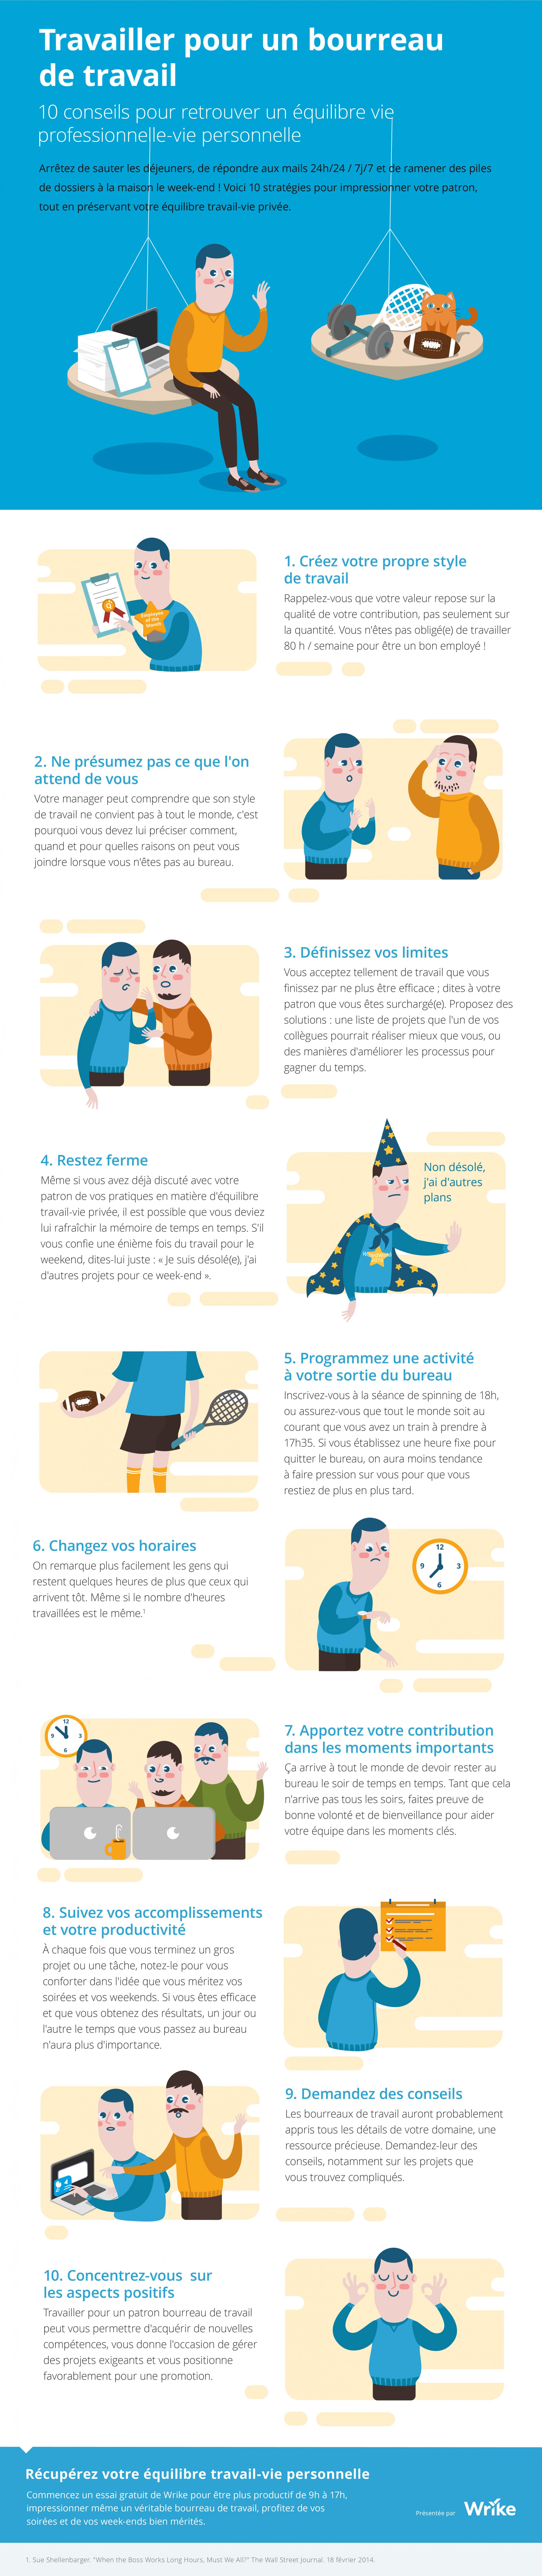 Travailler pour un accro au travail: 10 conseils pour retrouver votre équilibre travail-vie personnelle (Infographie)